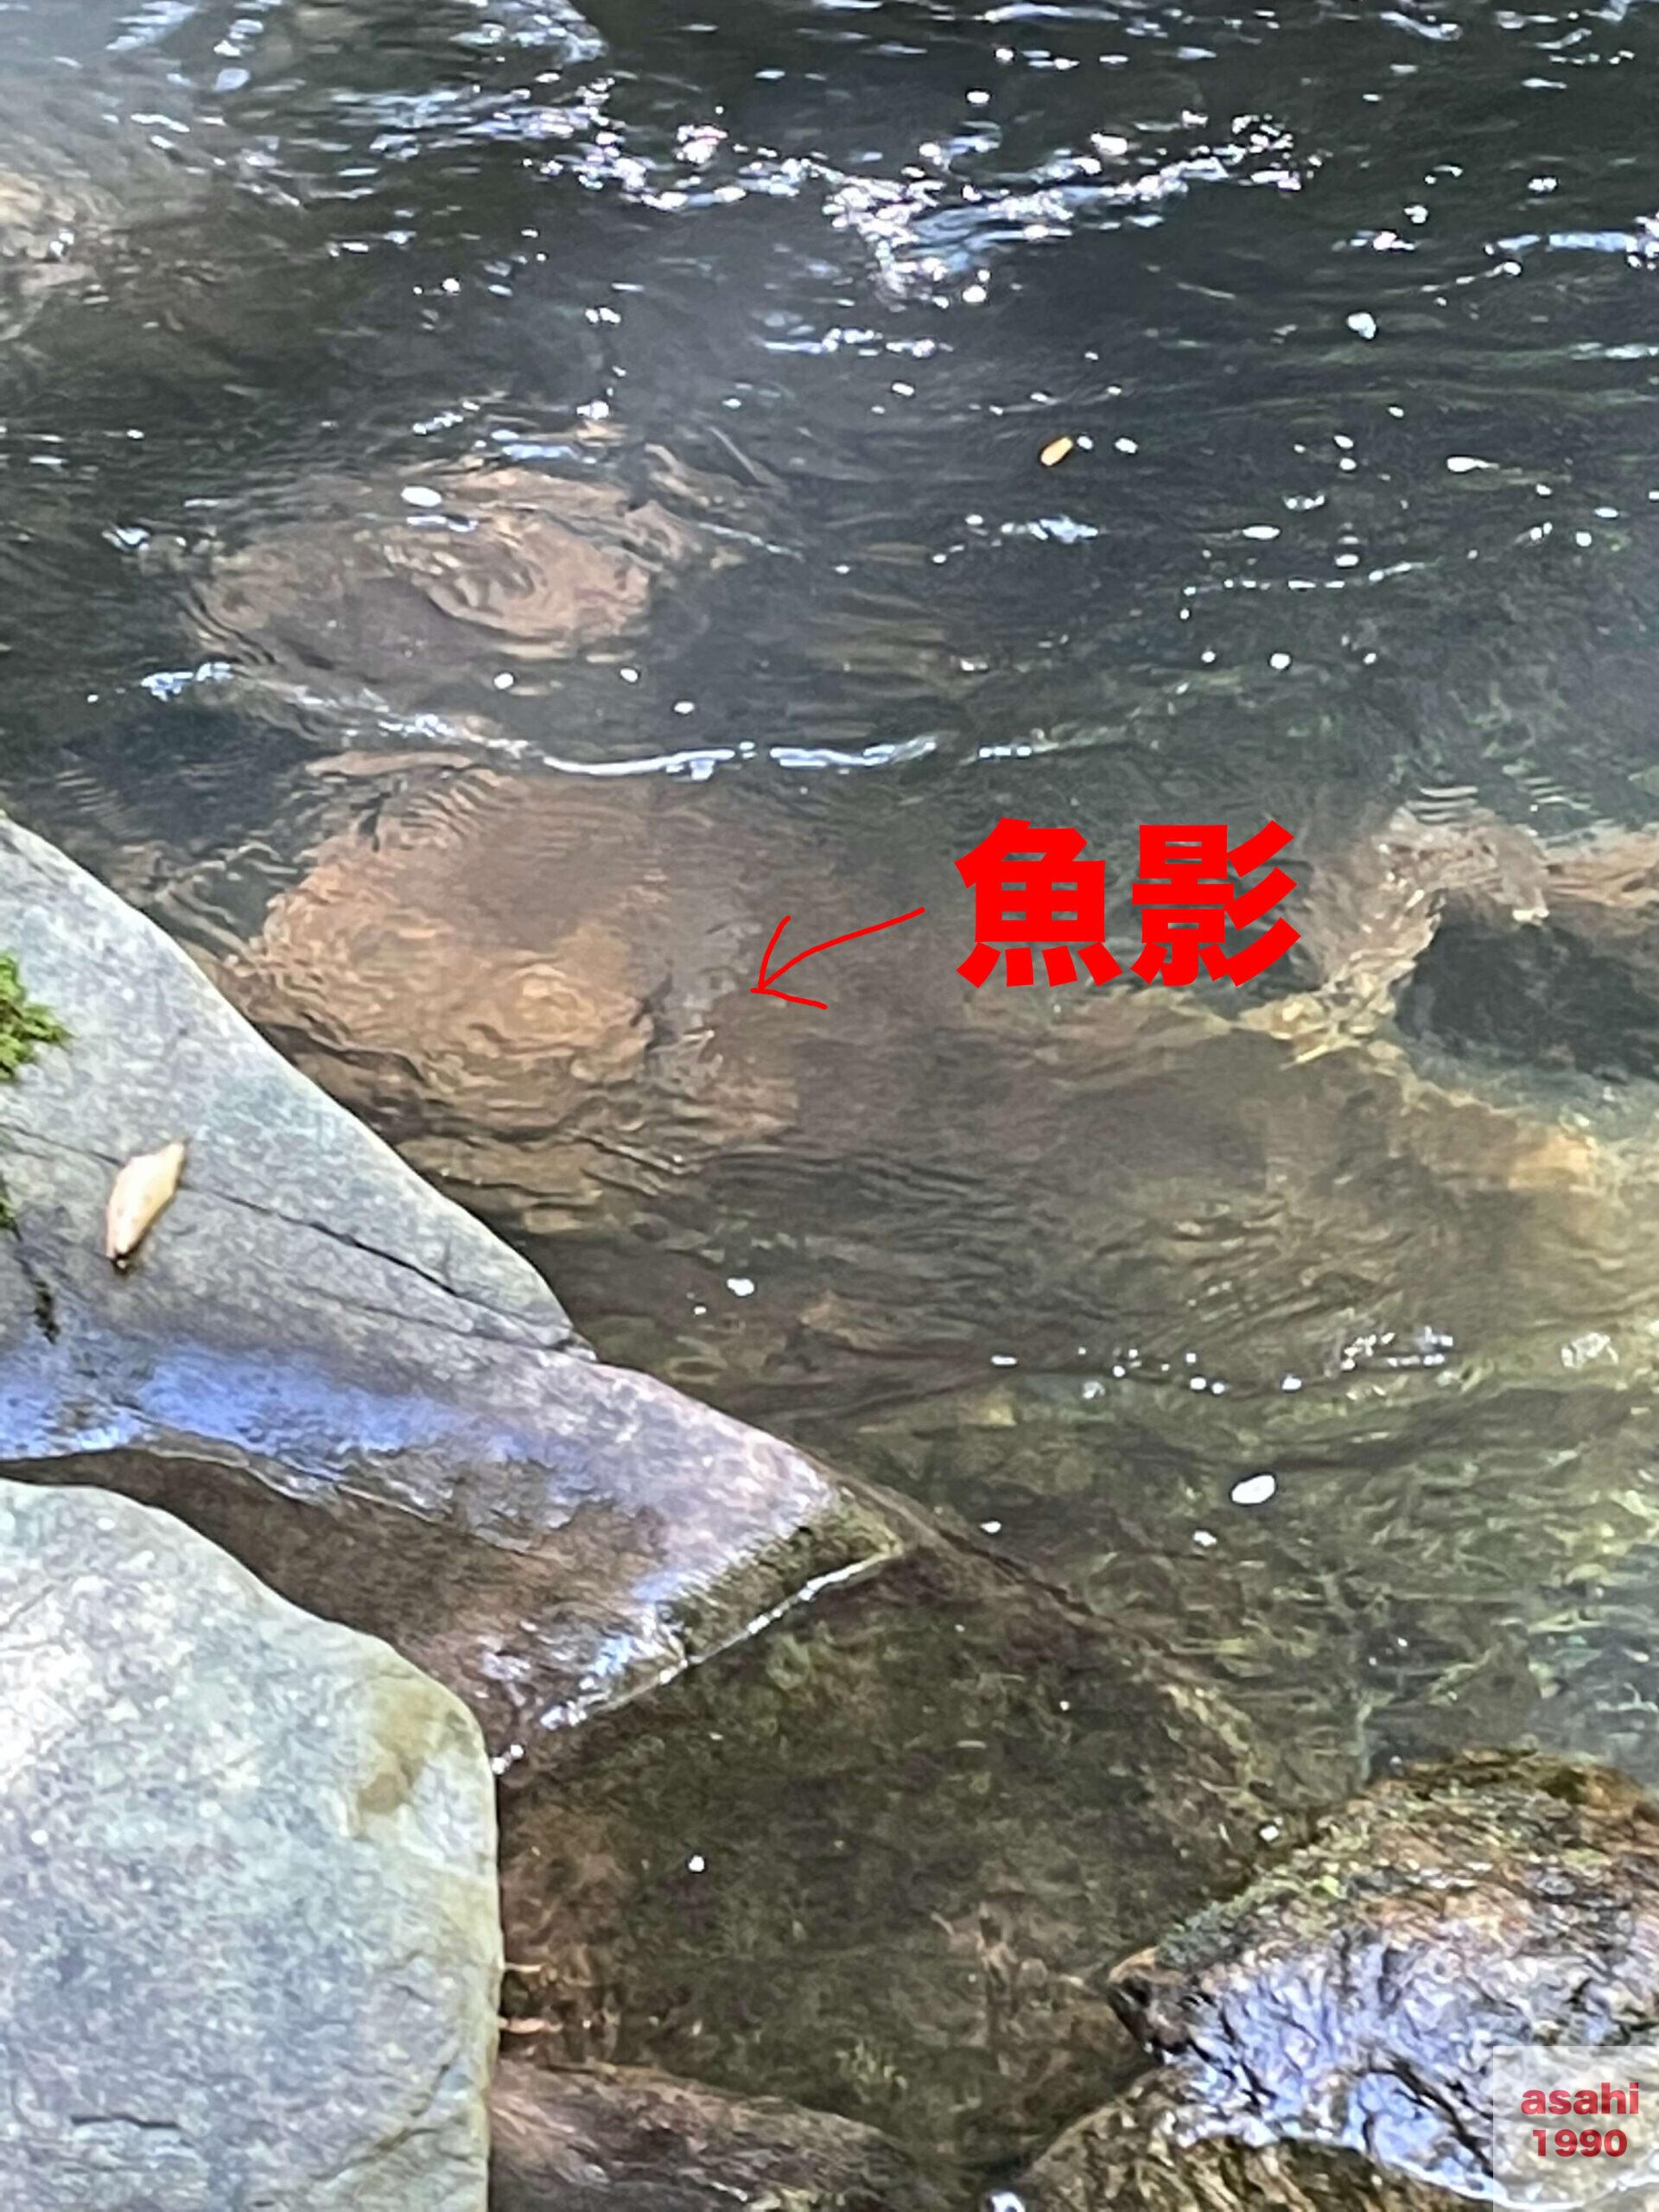 本谷 神流川 釣り 魚 ヤマメ